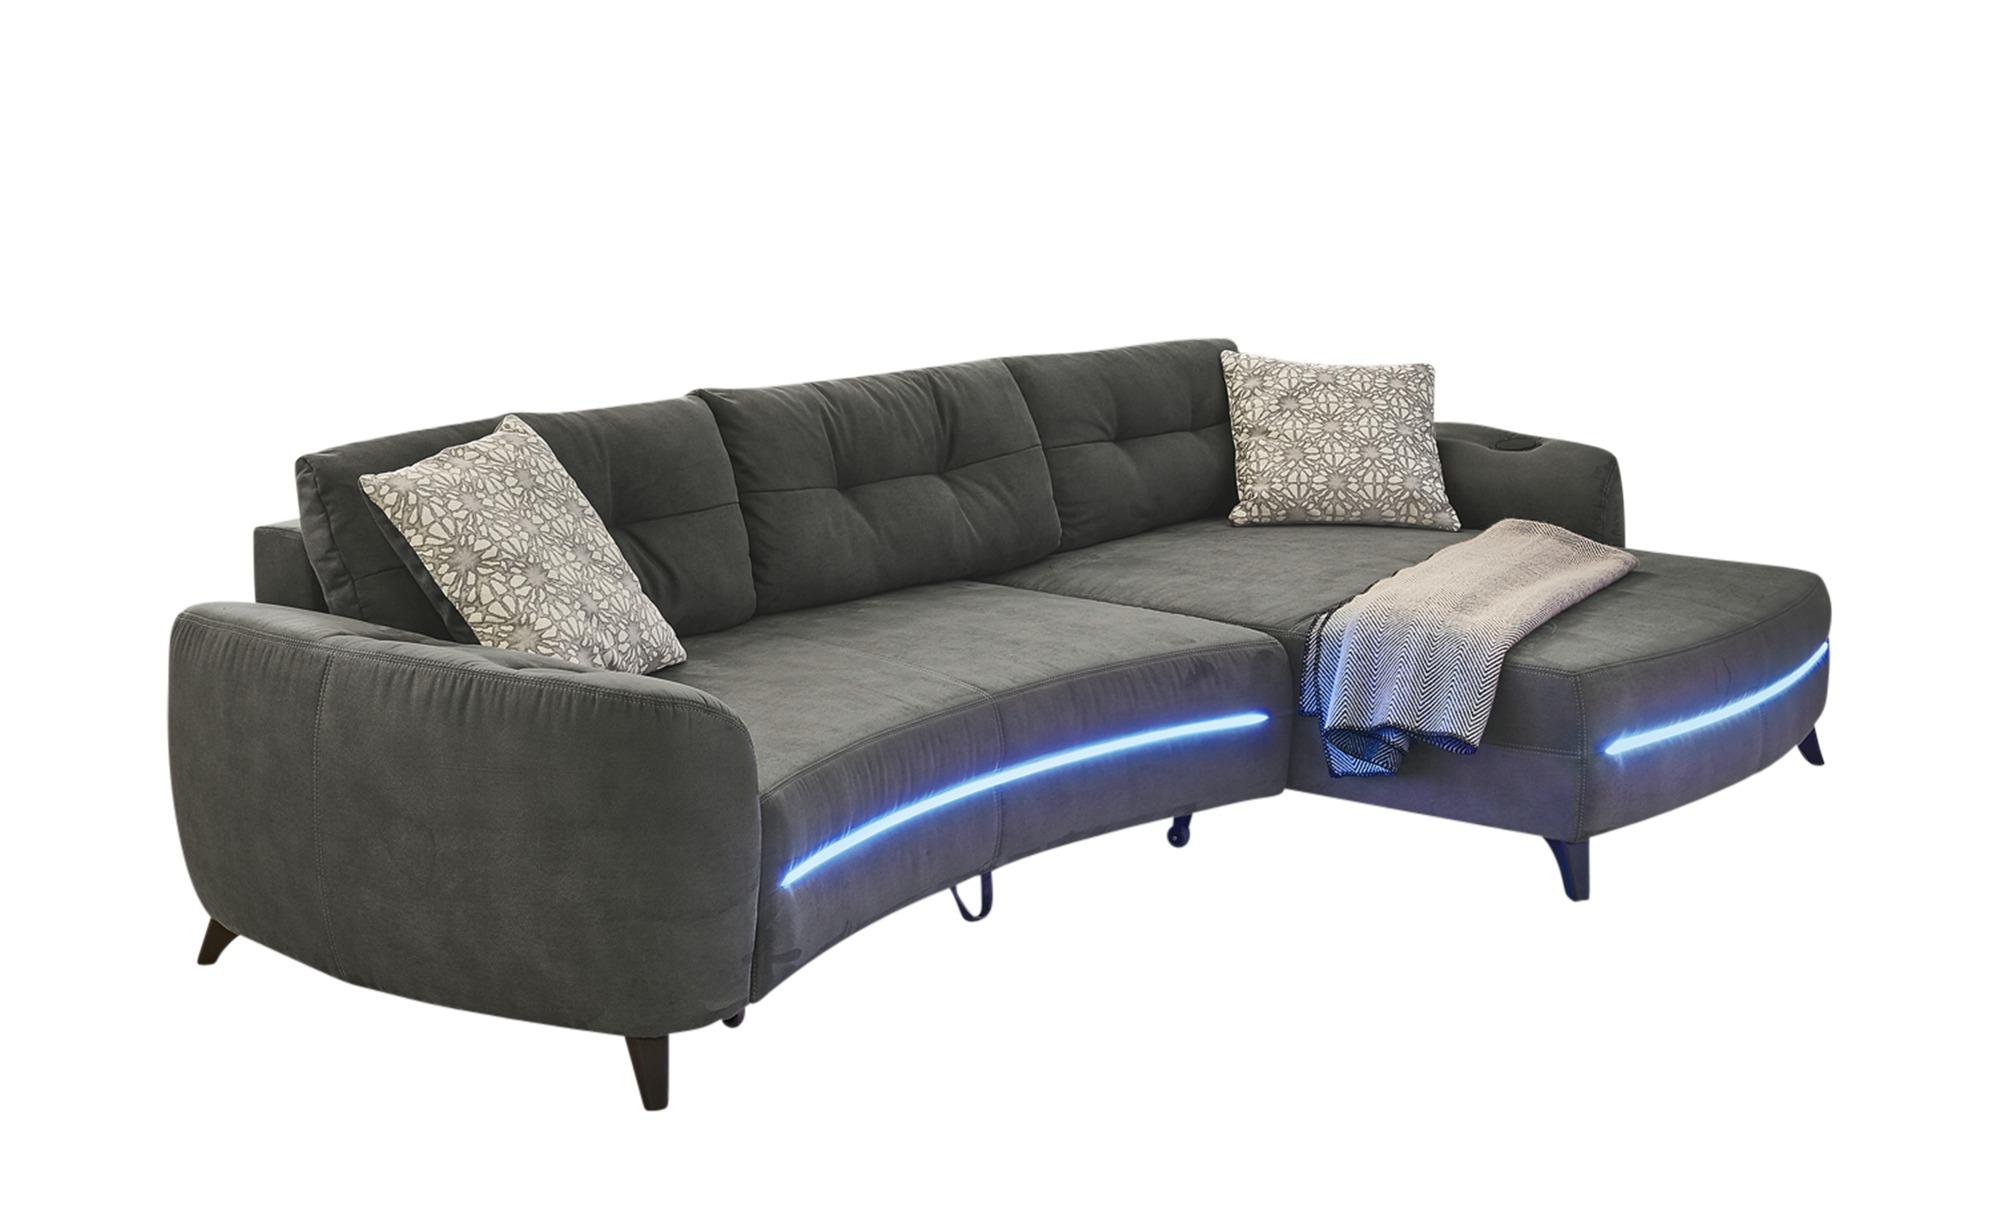 Full Size of Sofa Mit Led Und Lautsprecher Leder Beziehen Lassen Ecksofa Schlaffunktion Big Beleuchtung Soundsystem Sound Poco Couch Kosten Zweisitzer Online Kaufen Bett Sofa Sofa Mit Led